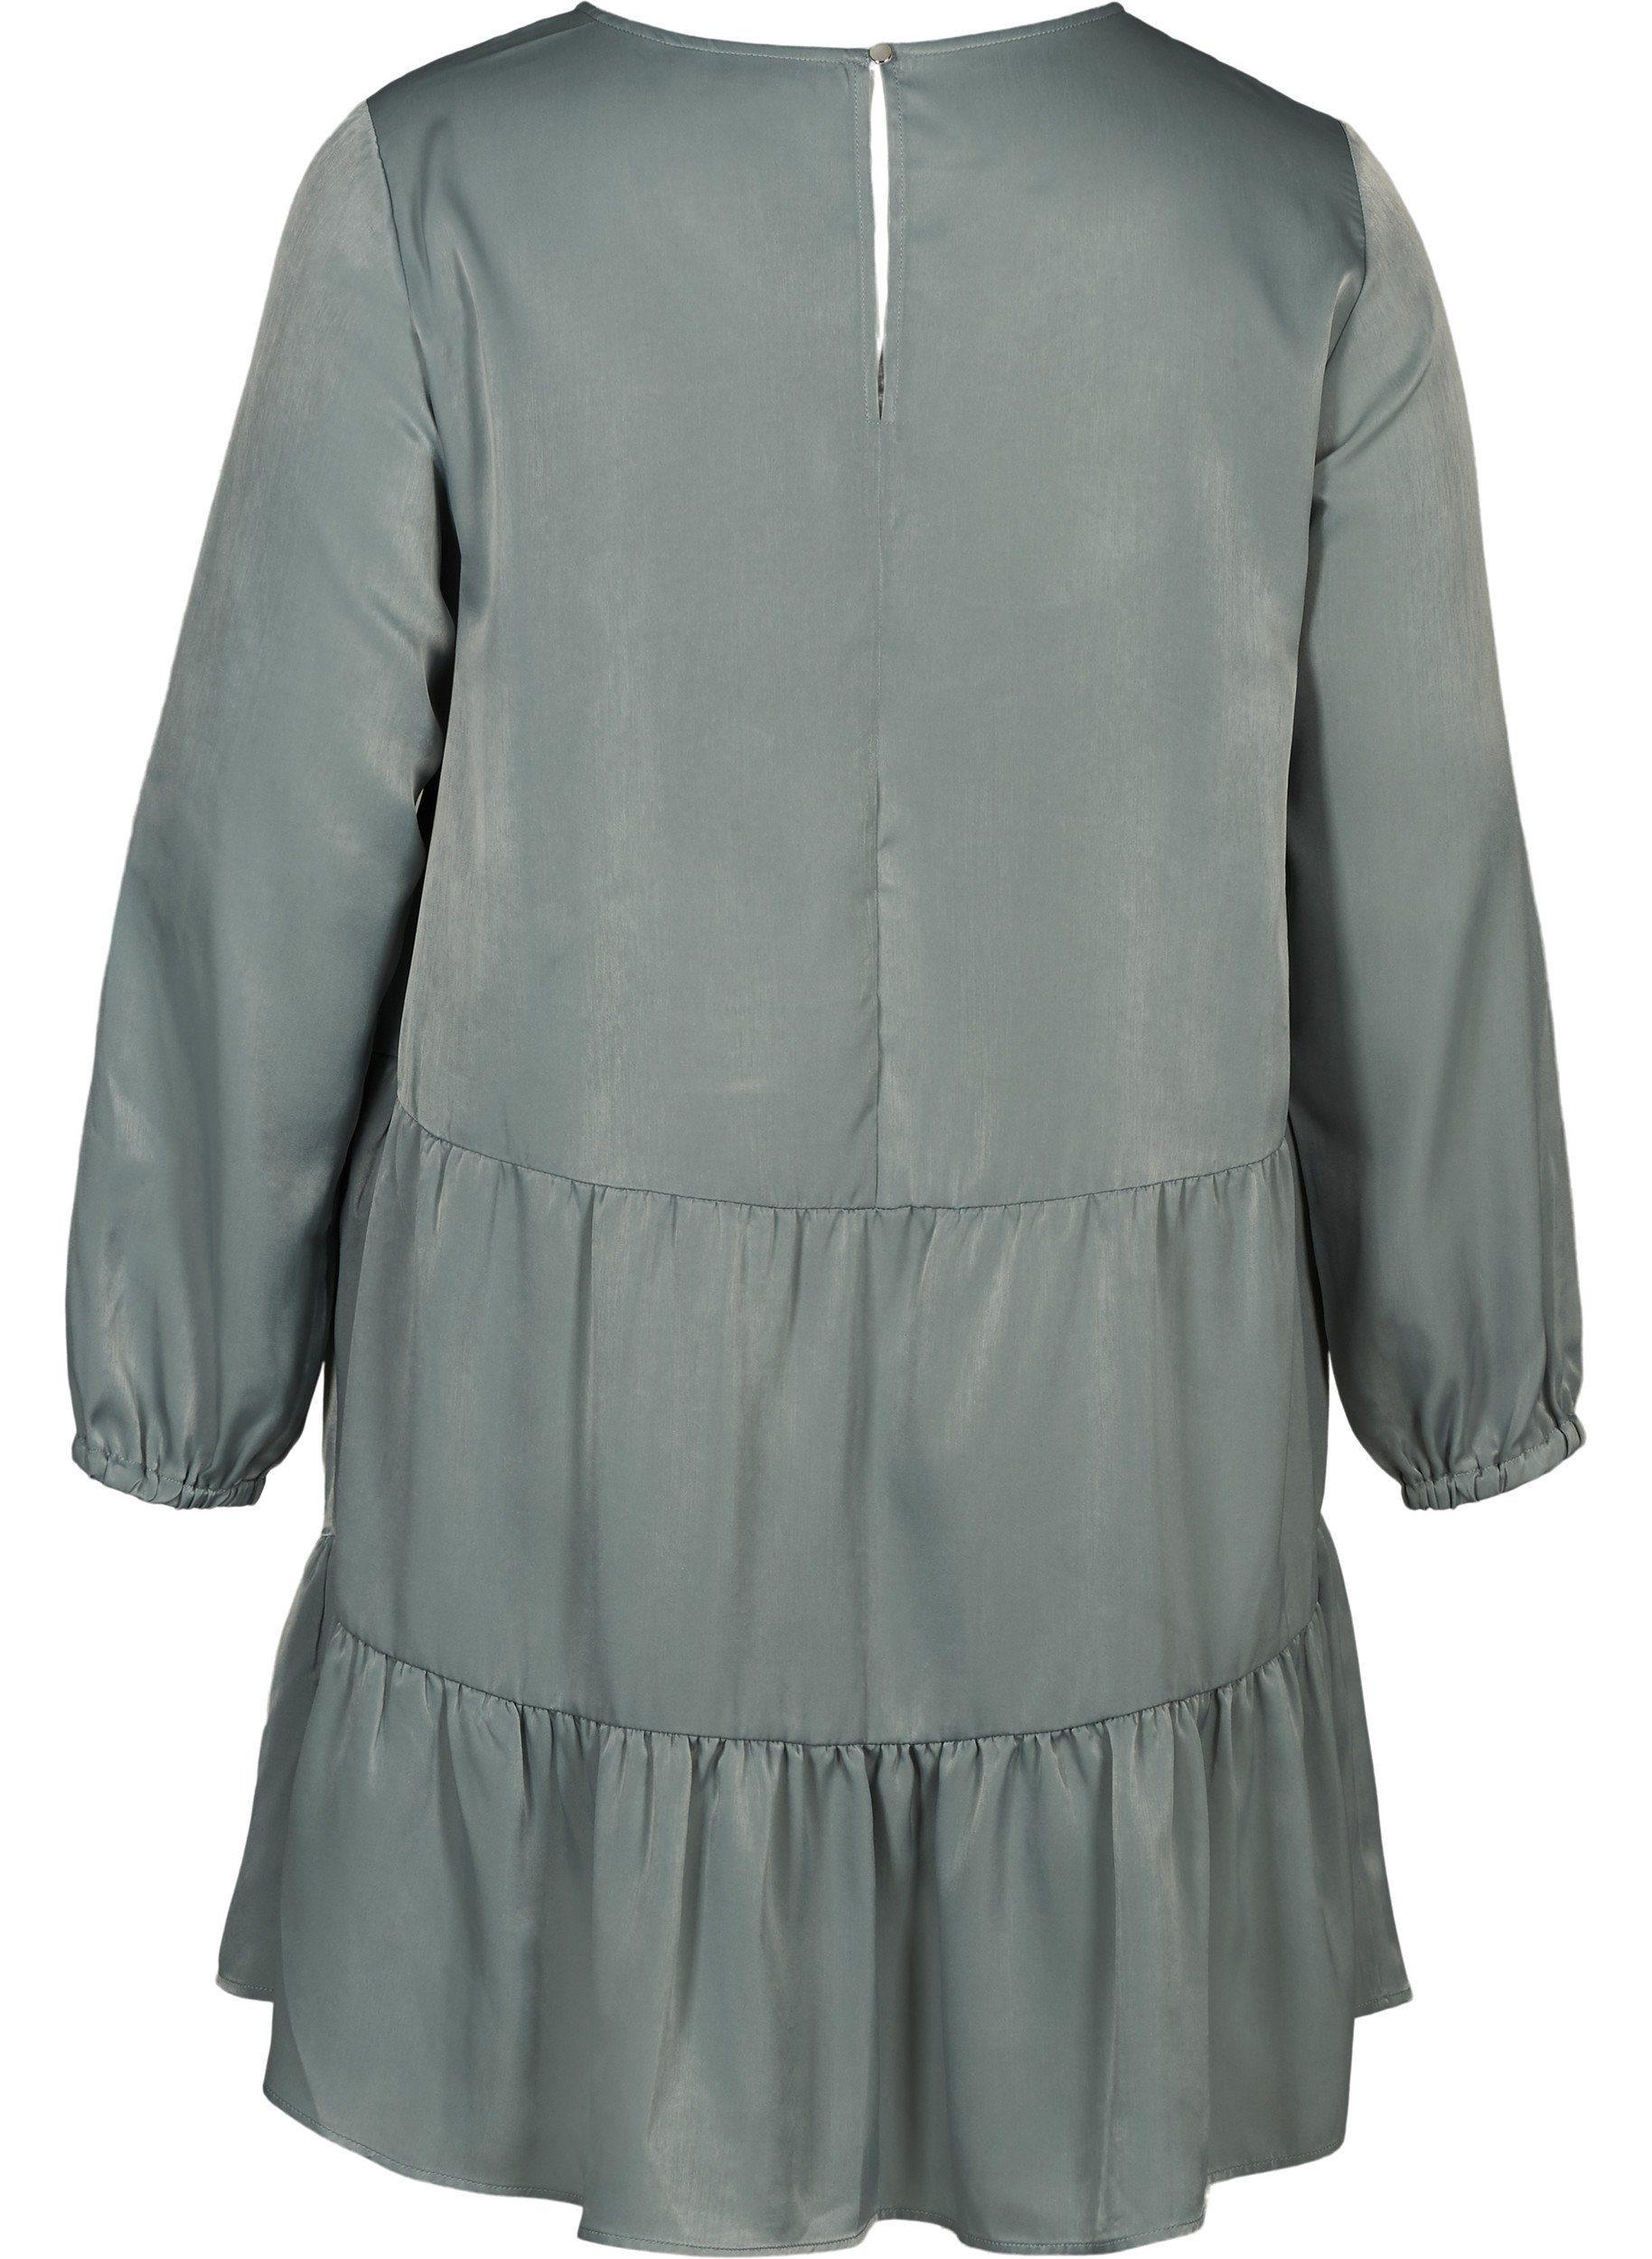 Zizzi Abendkleid Große Größen Damen Shiny Kleid Mit Teilungsnaht Online Kaufen